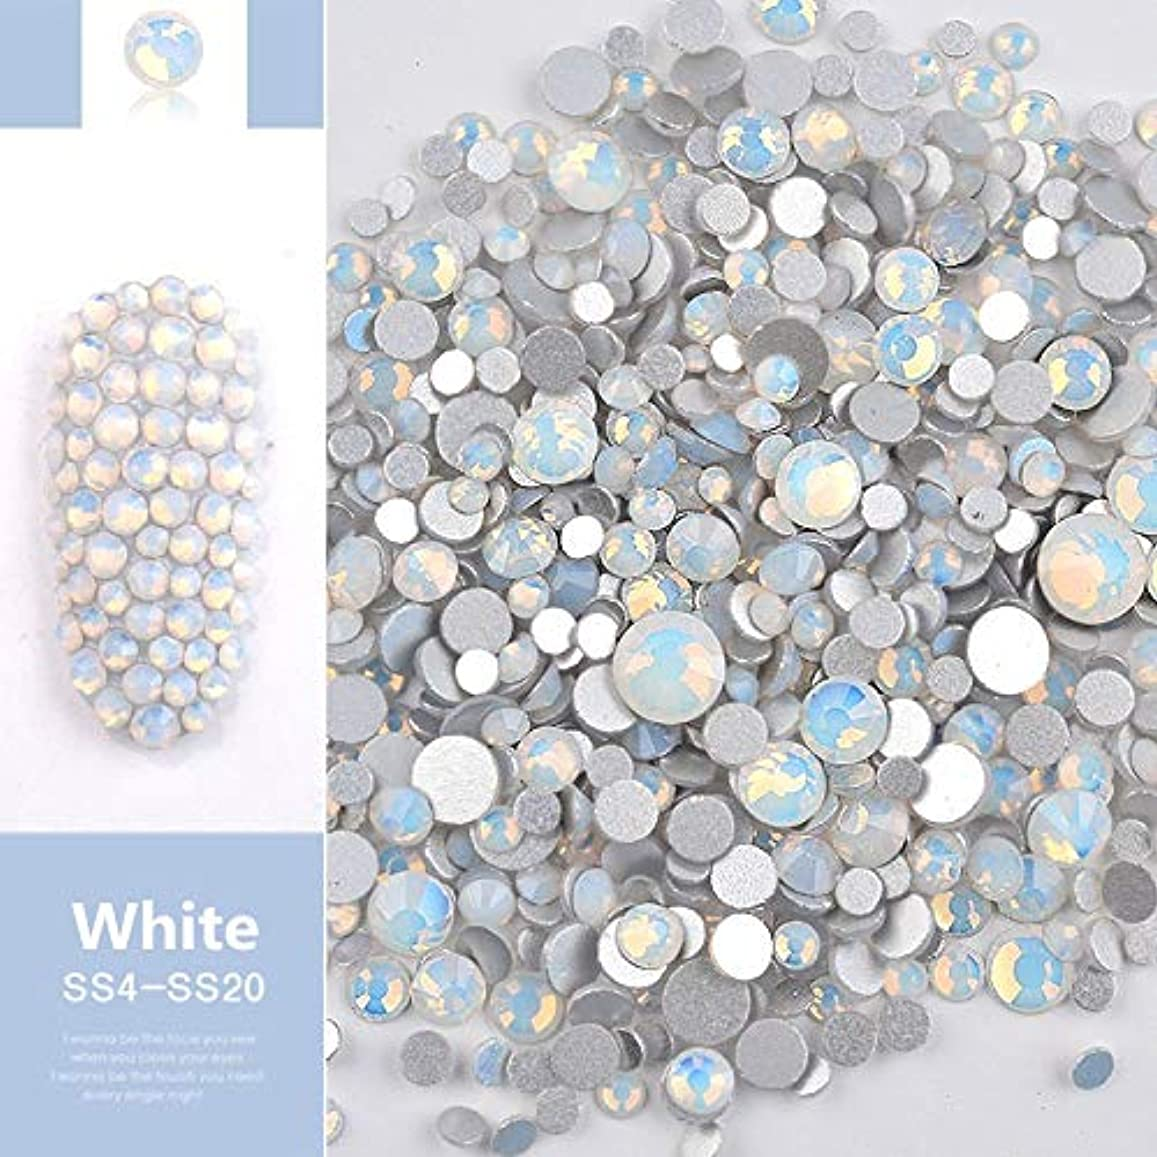 閉塞機械的にジャズJiaoran ビーズ樹脂クリスタルラウンドネイルアートミックスフラットバックアクリルラインストーンミックスサイズ1.5-4.5 mm装飾用ネイル (Color : White)